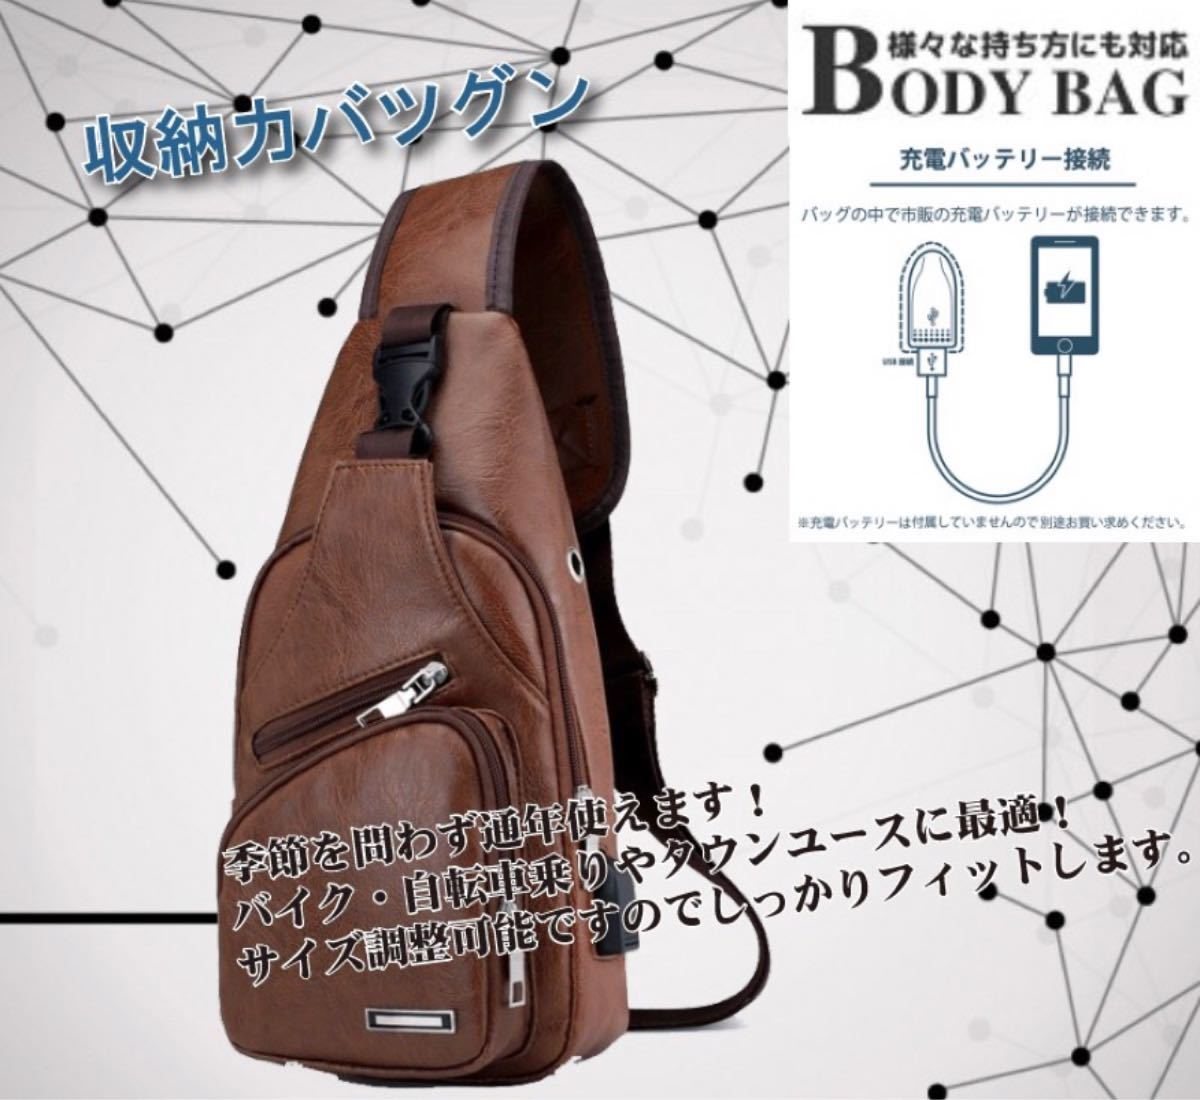 【赤字覚悟!SALE】ボディバッグ ショルダーバッグ メンズ 斜め掛けバッグ  USBポート搭載  軽量 多機能 大容量